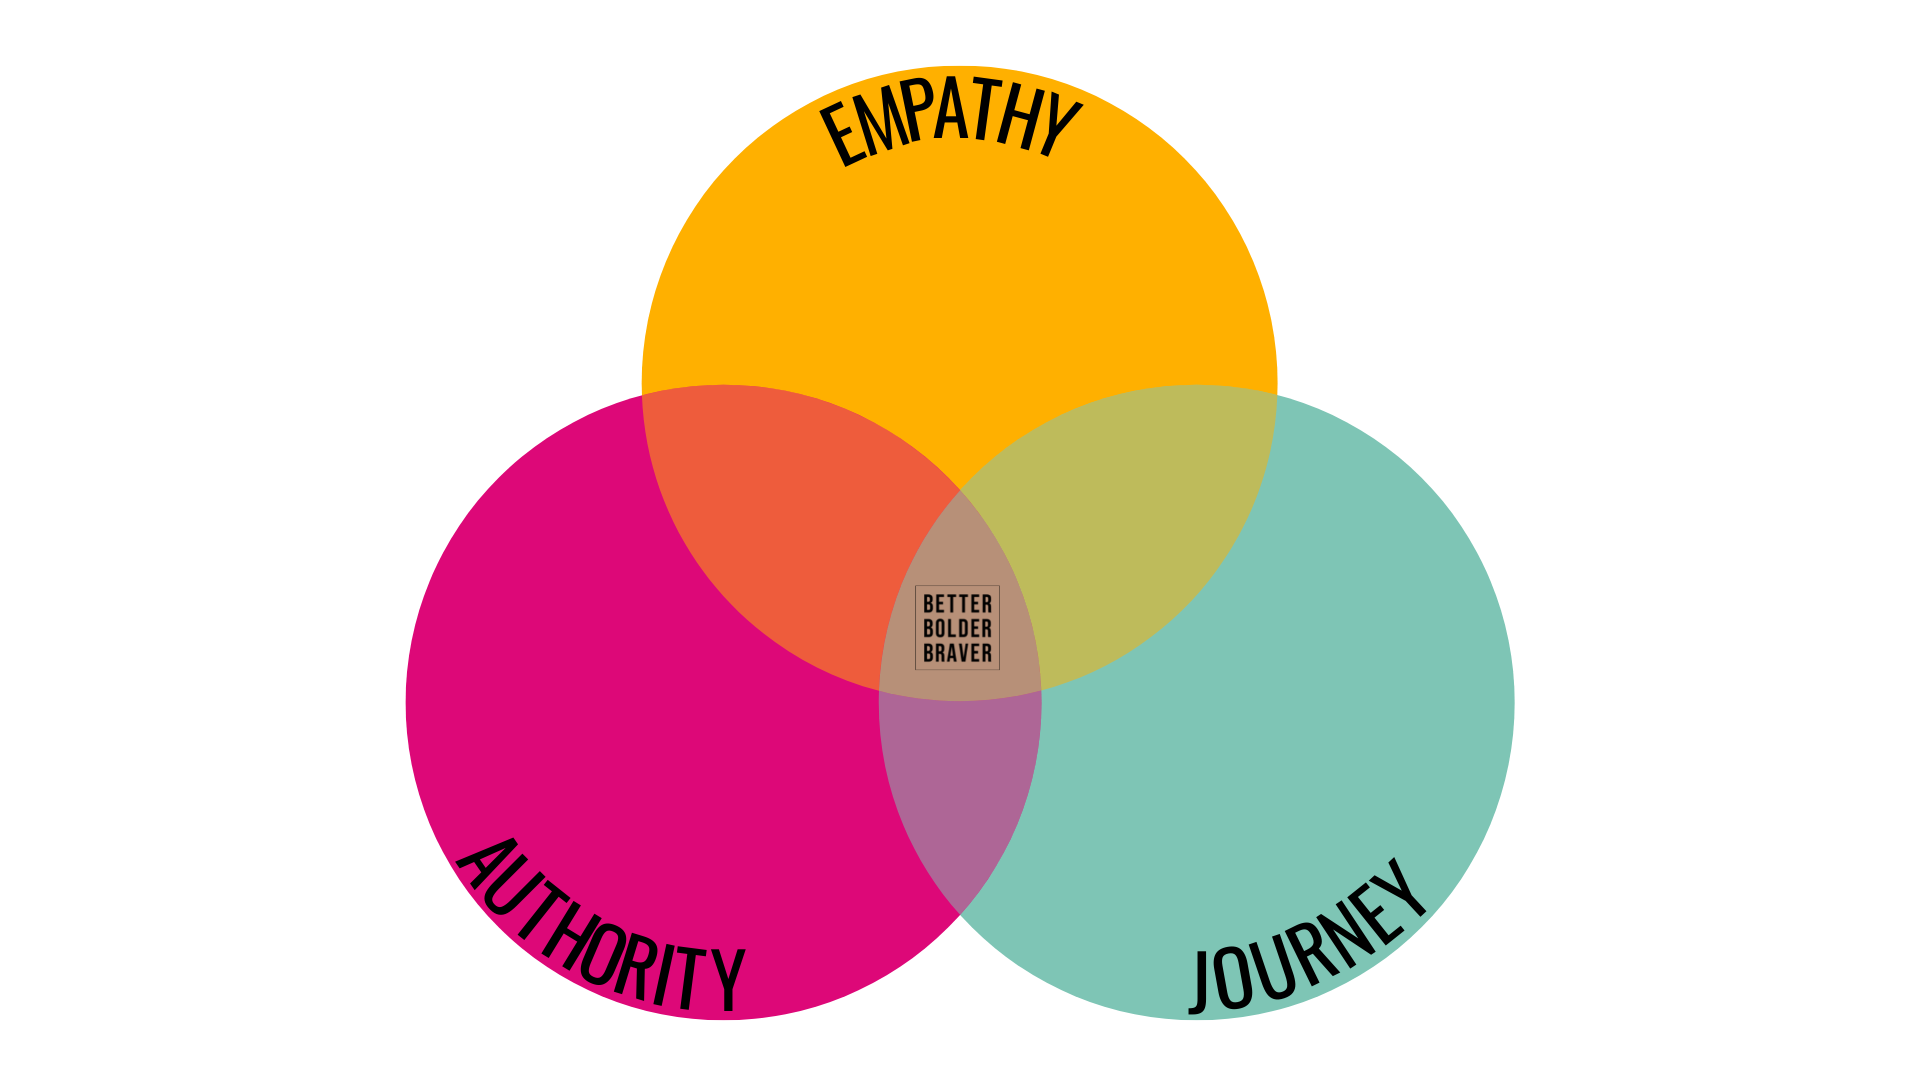 Empathy Authority Journey